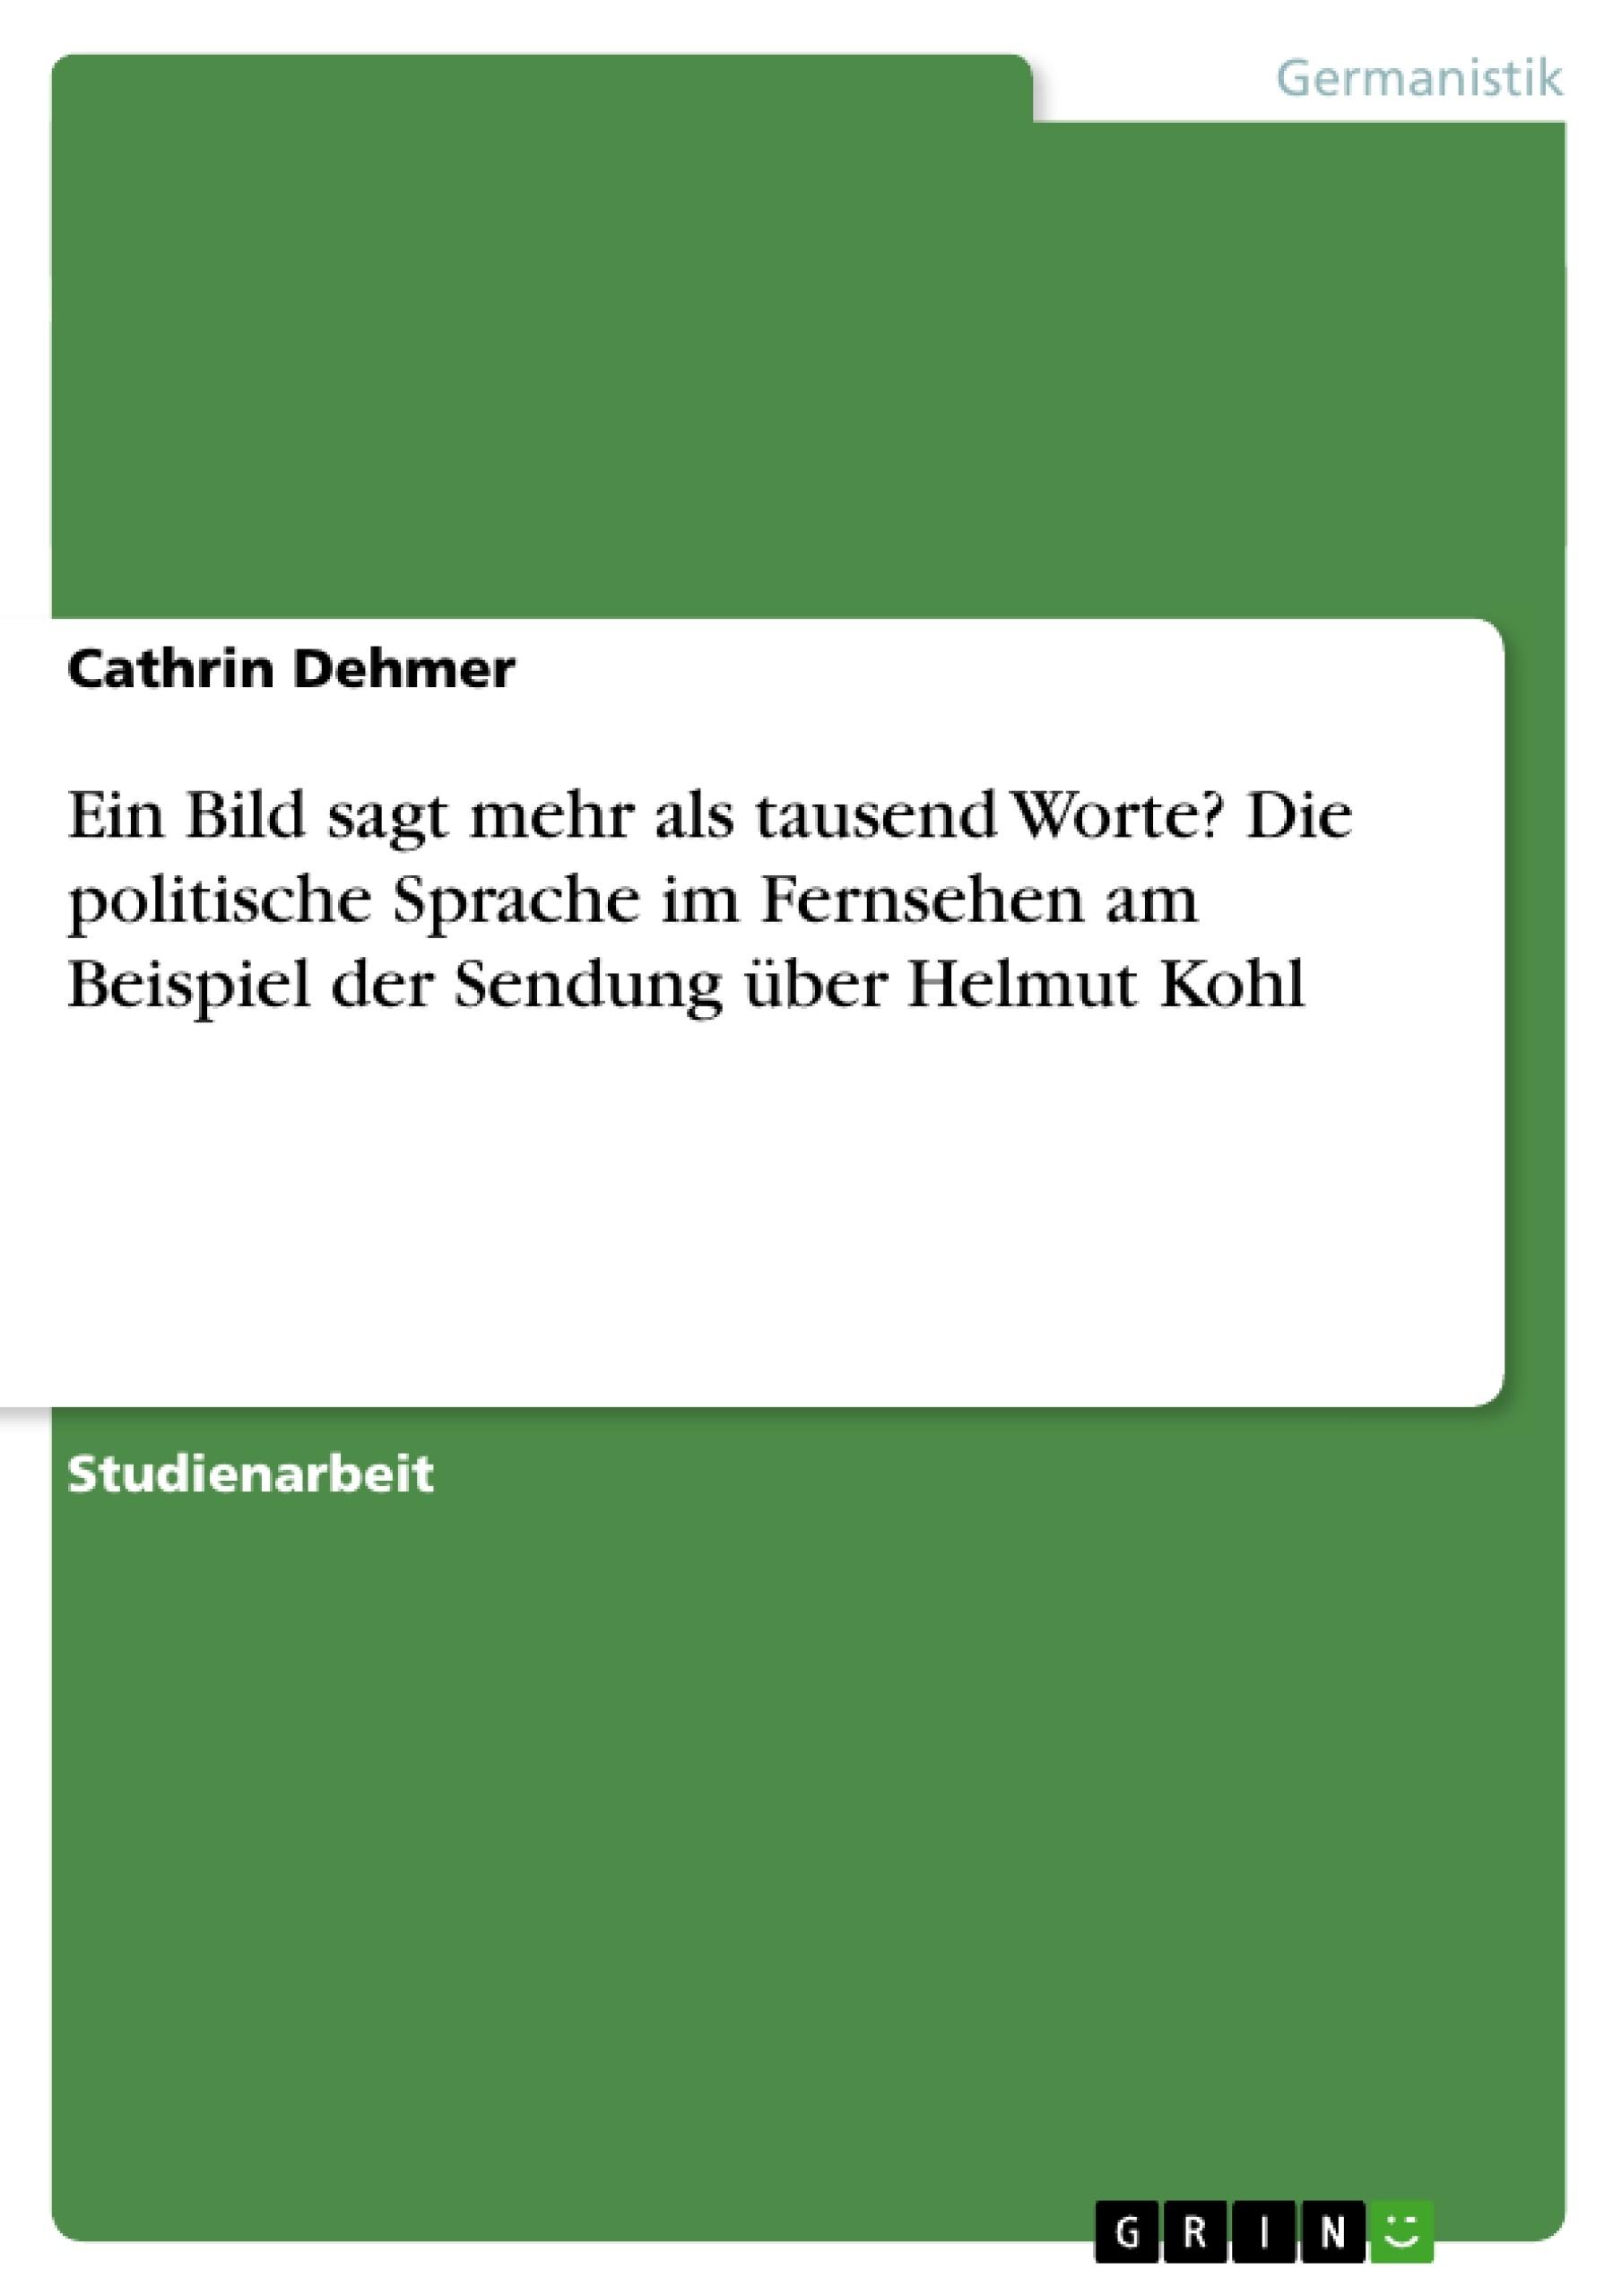 Titel: Ein Bild sagt mehr als tausend Worte? Die politische Sprache im Fernsehen am Beispiel der Sendung über Helmut Kohl